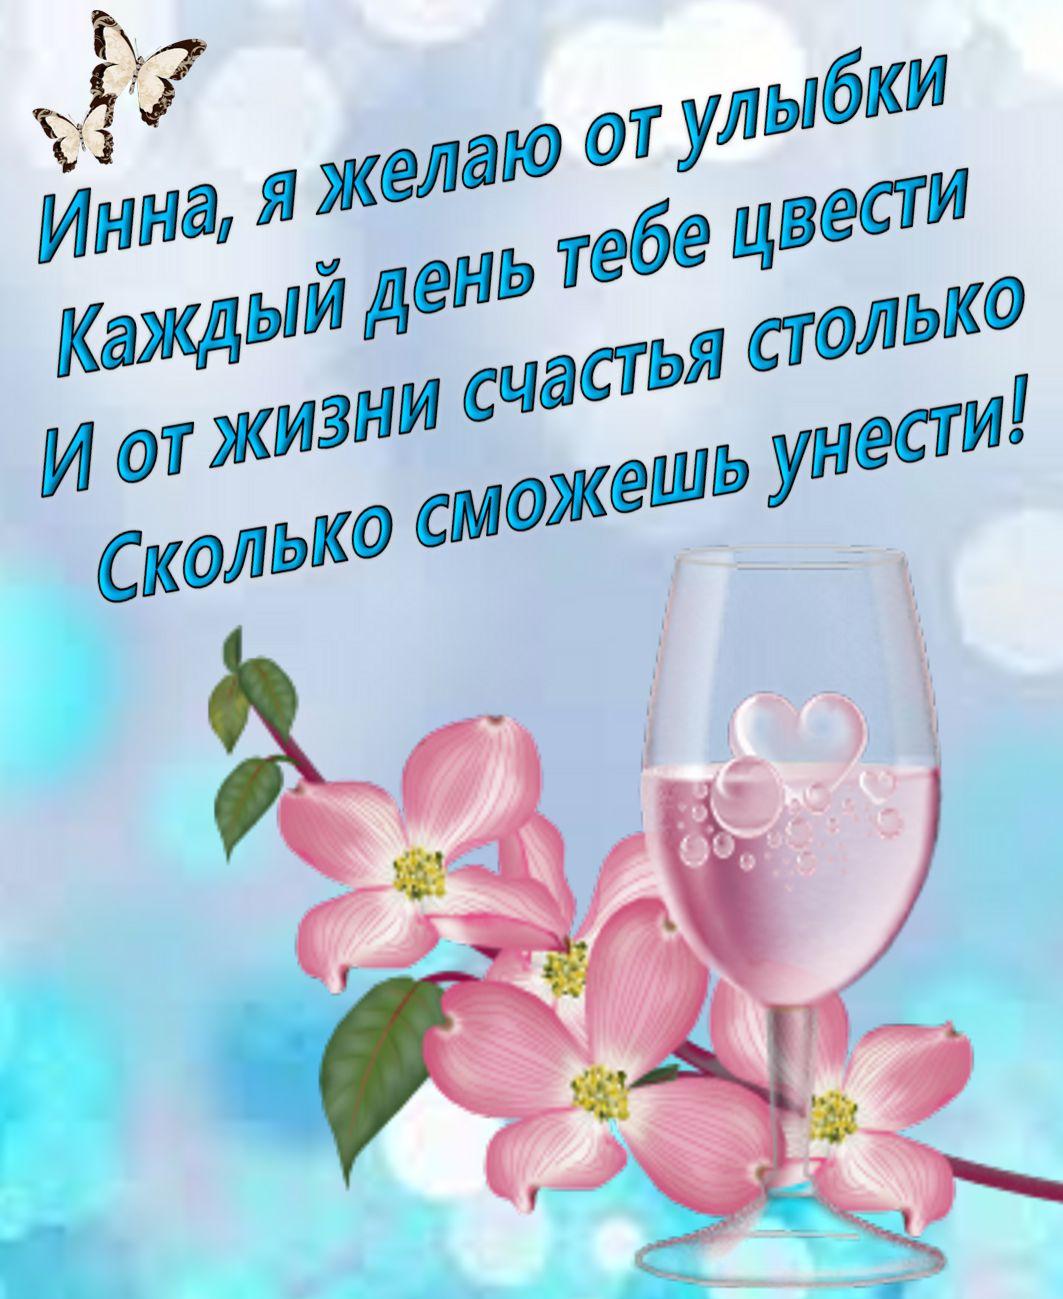 Розовый цветок и пожелание для Инны